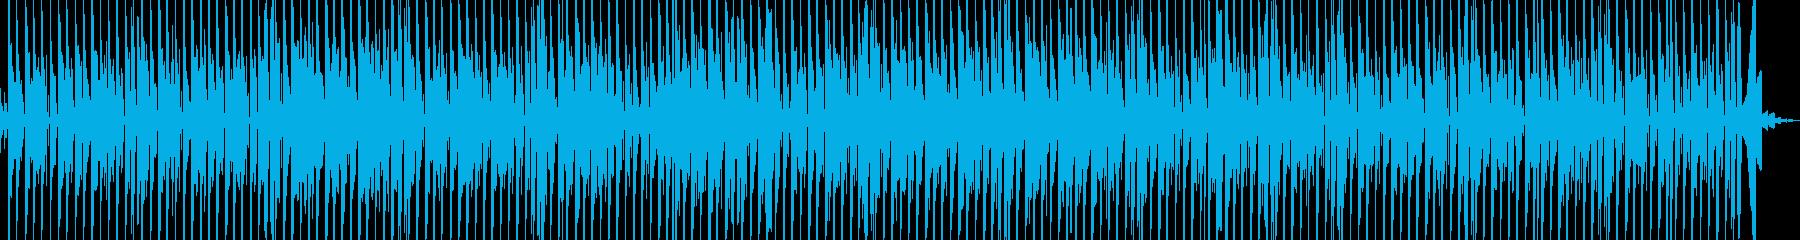 エレクトロポップ研究所バラードの遅...の再生済みの波形